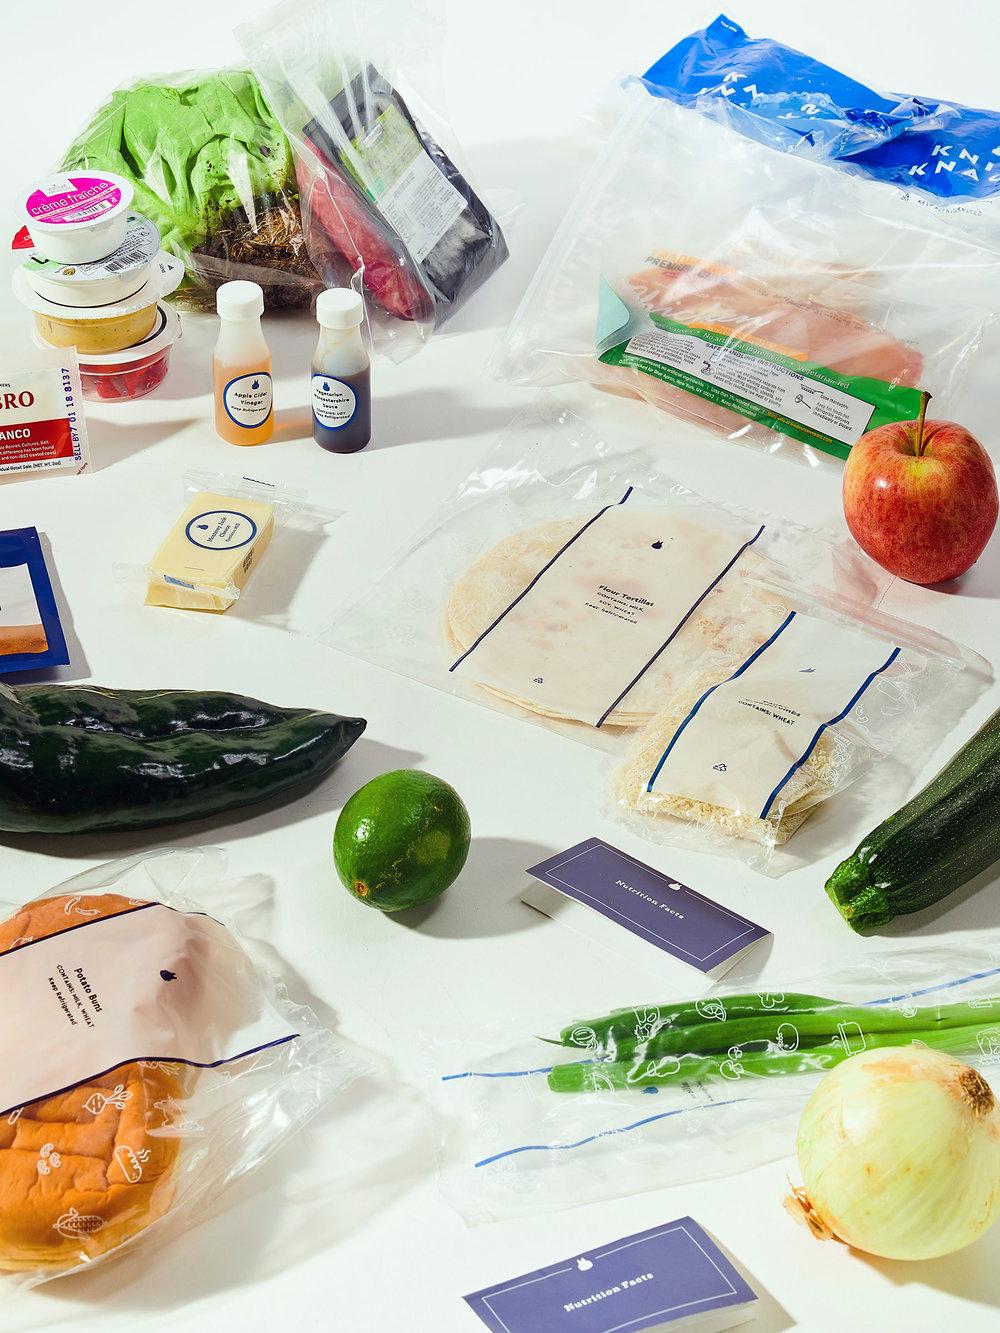 Meal_Kits-The_Dieline3424.jpg